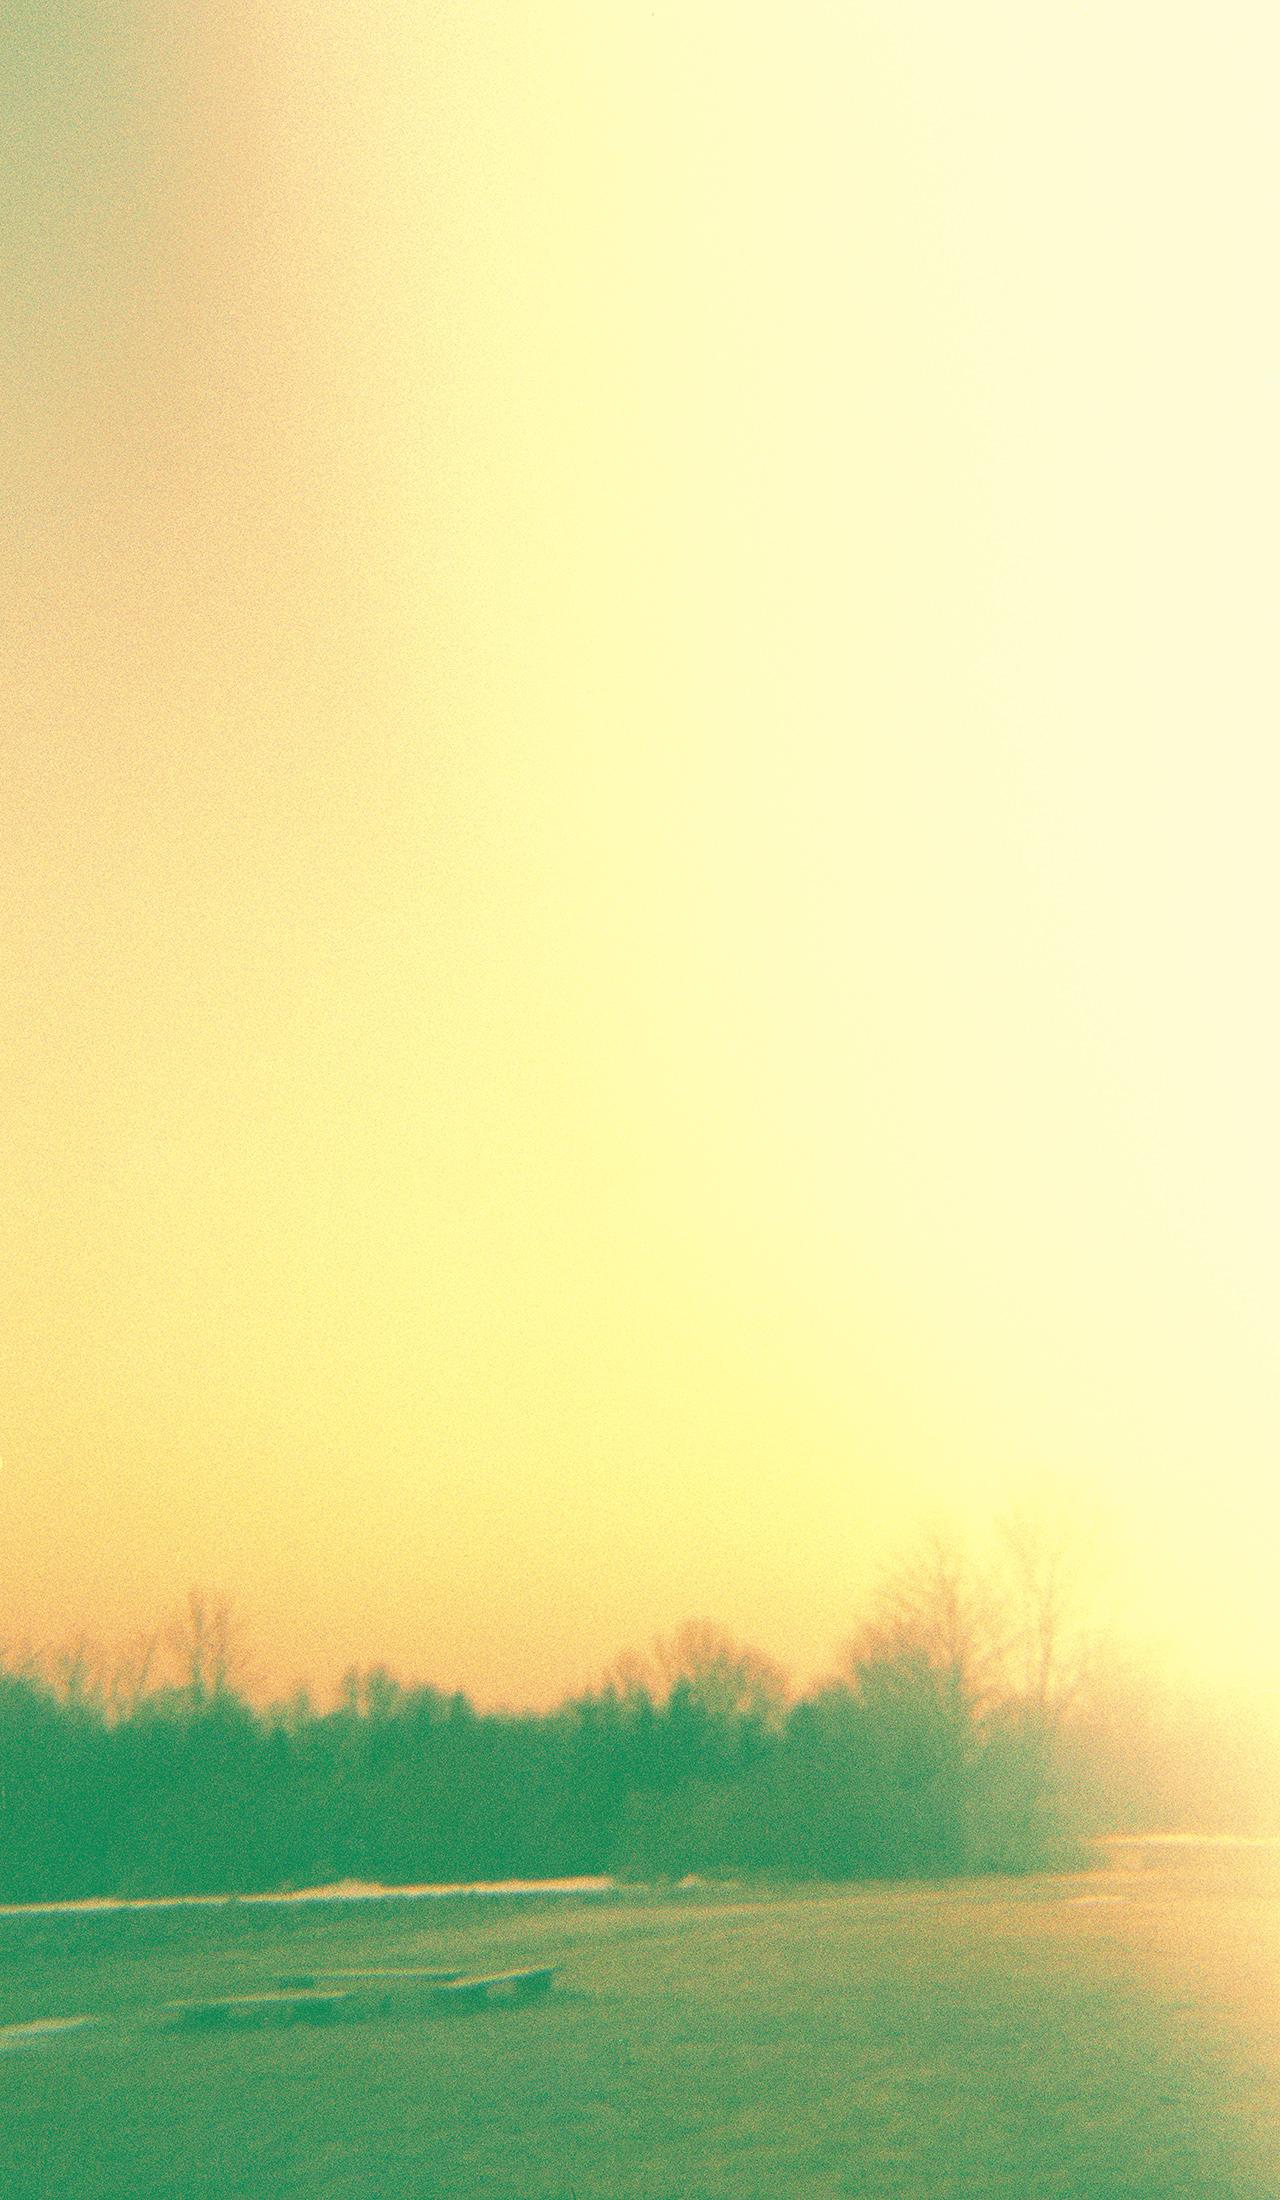 sunrise7-2.jpg